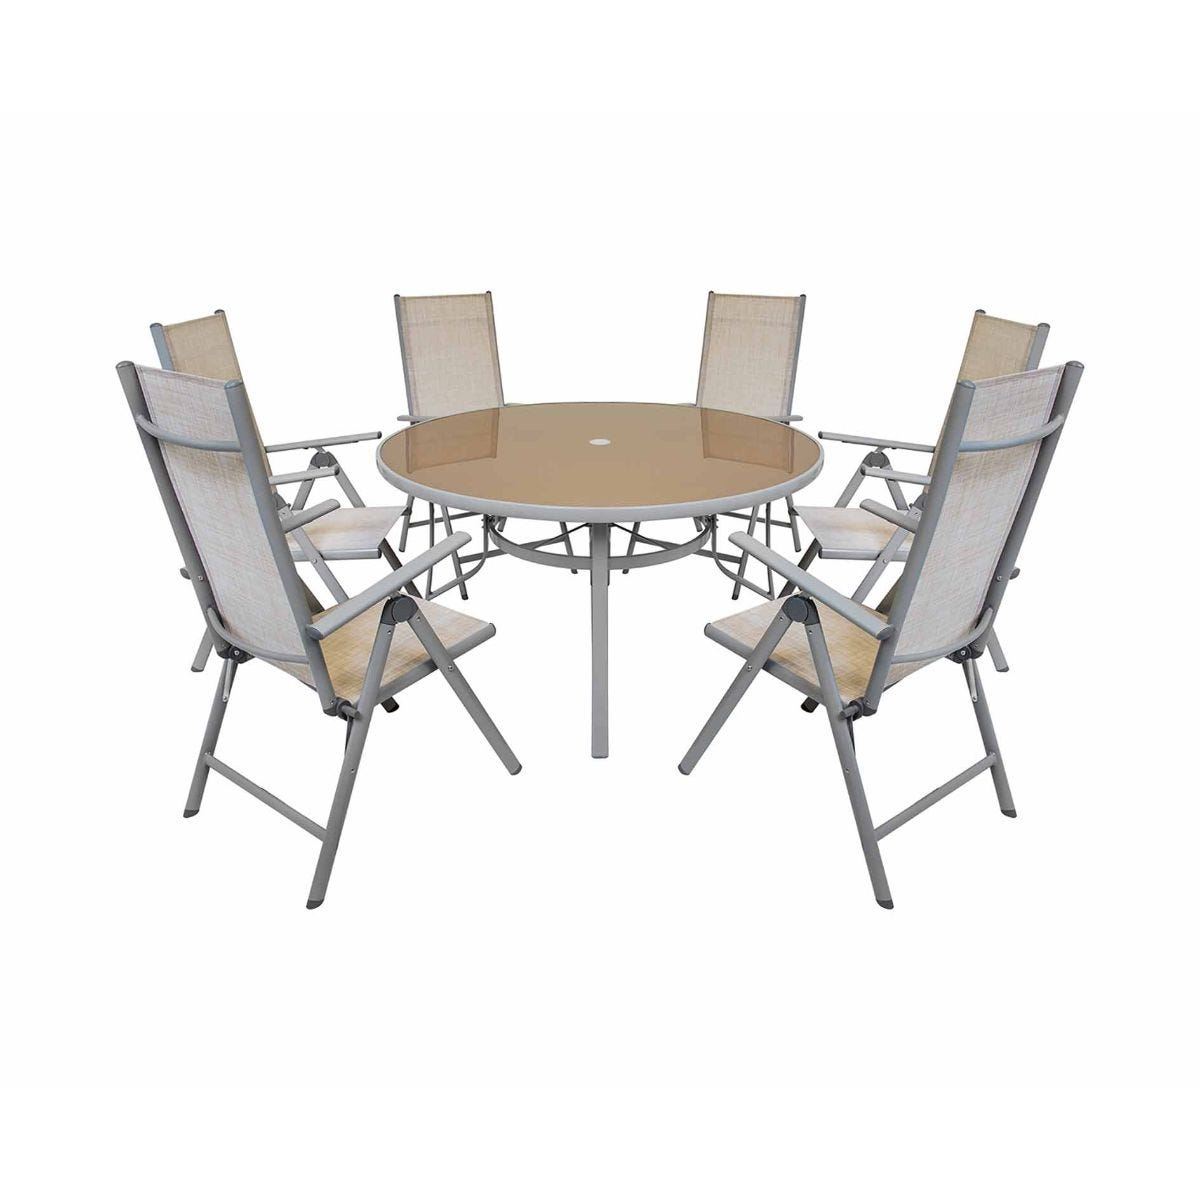 Charles Bentley Garden Mesh Round 6 Seater Dining Set, Beige